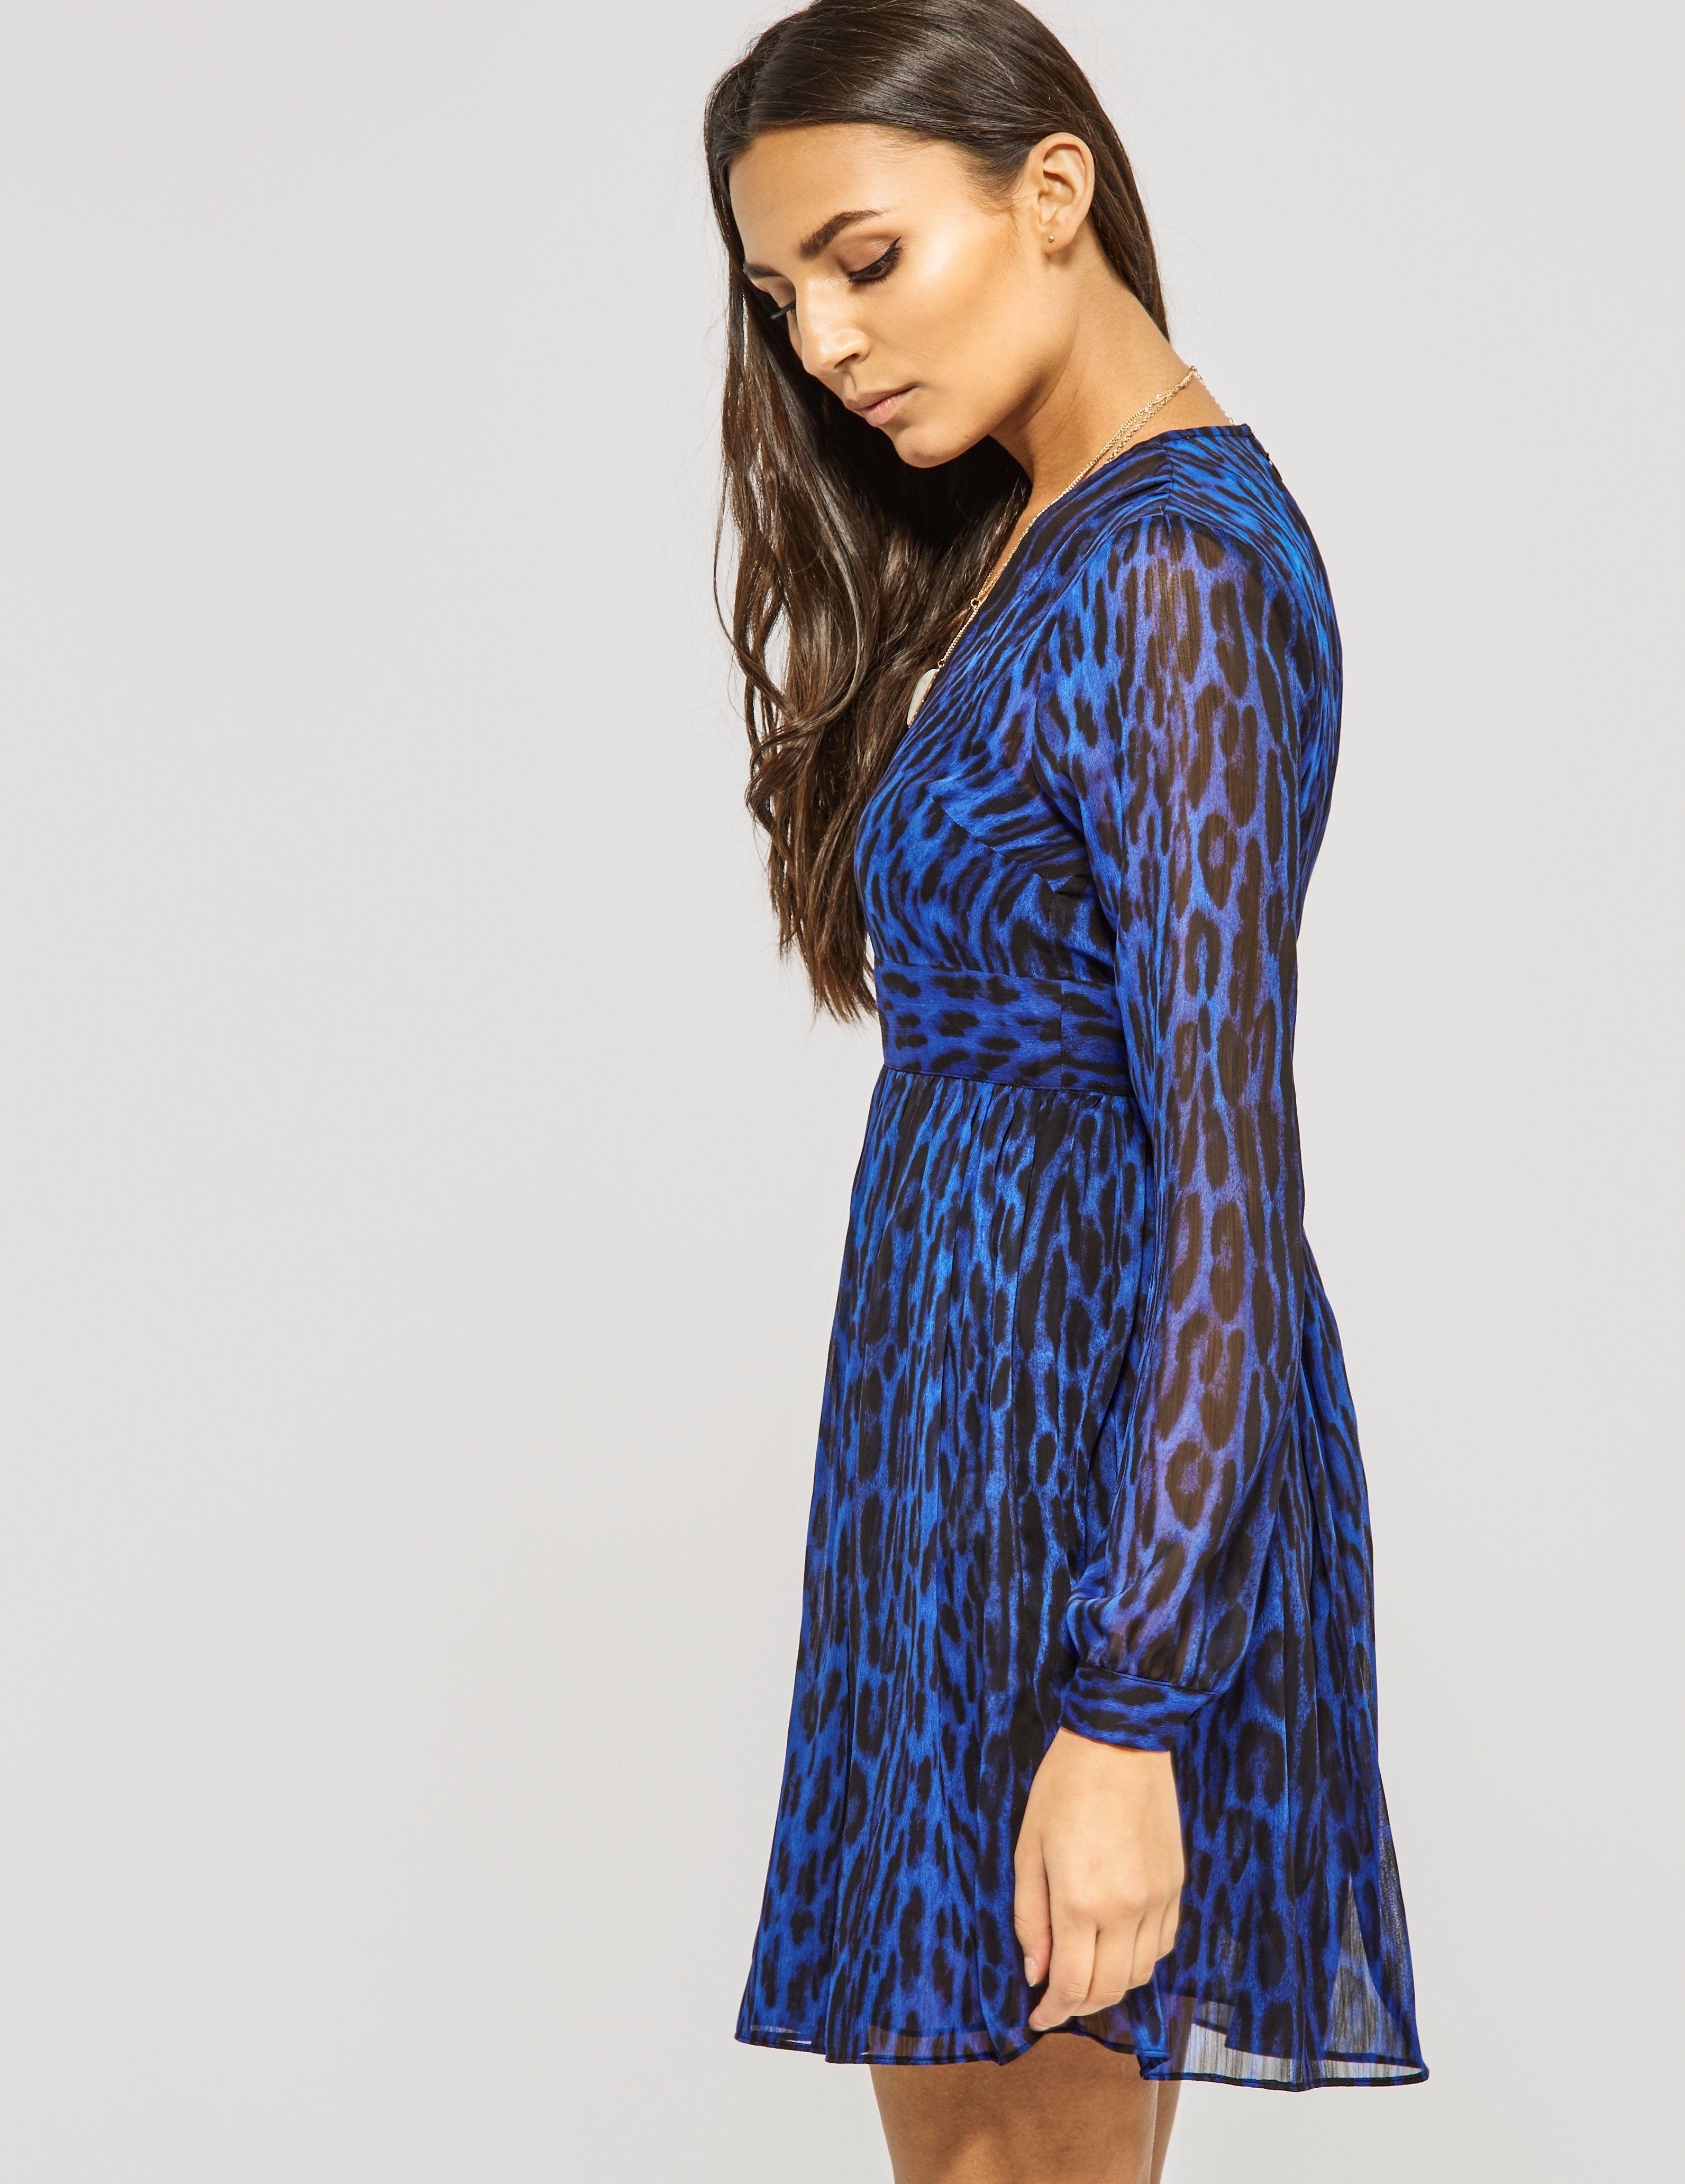 Michael Kors High Woods V-Neck Dress